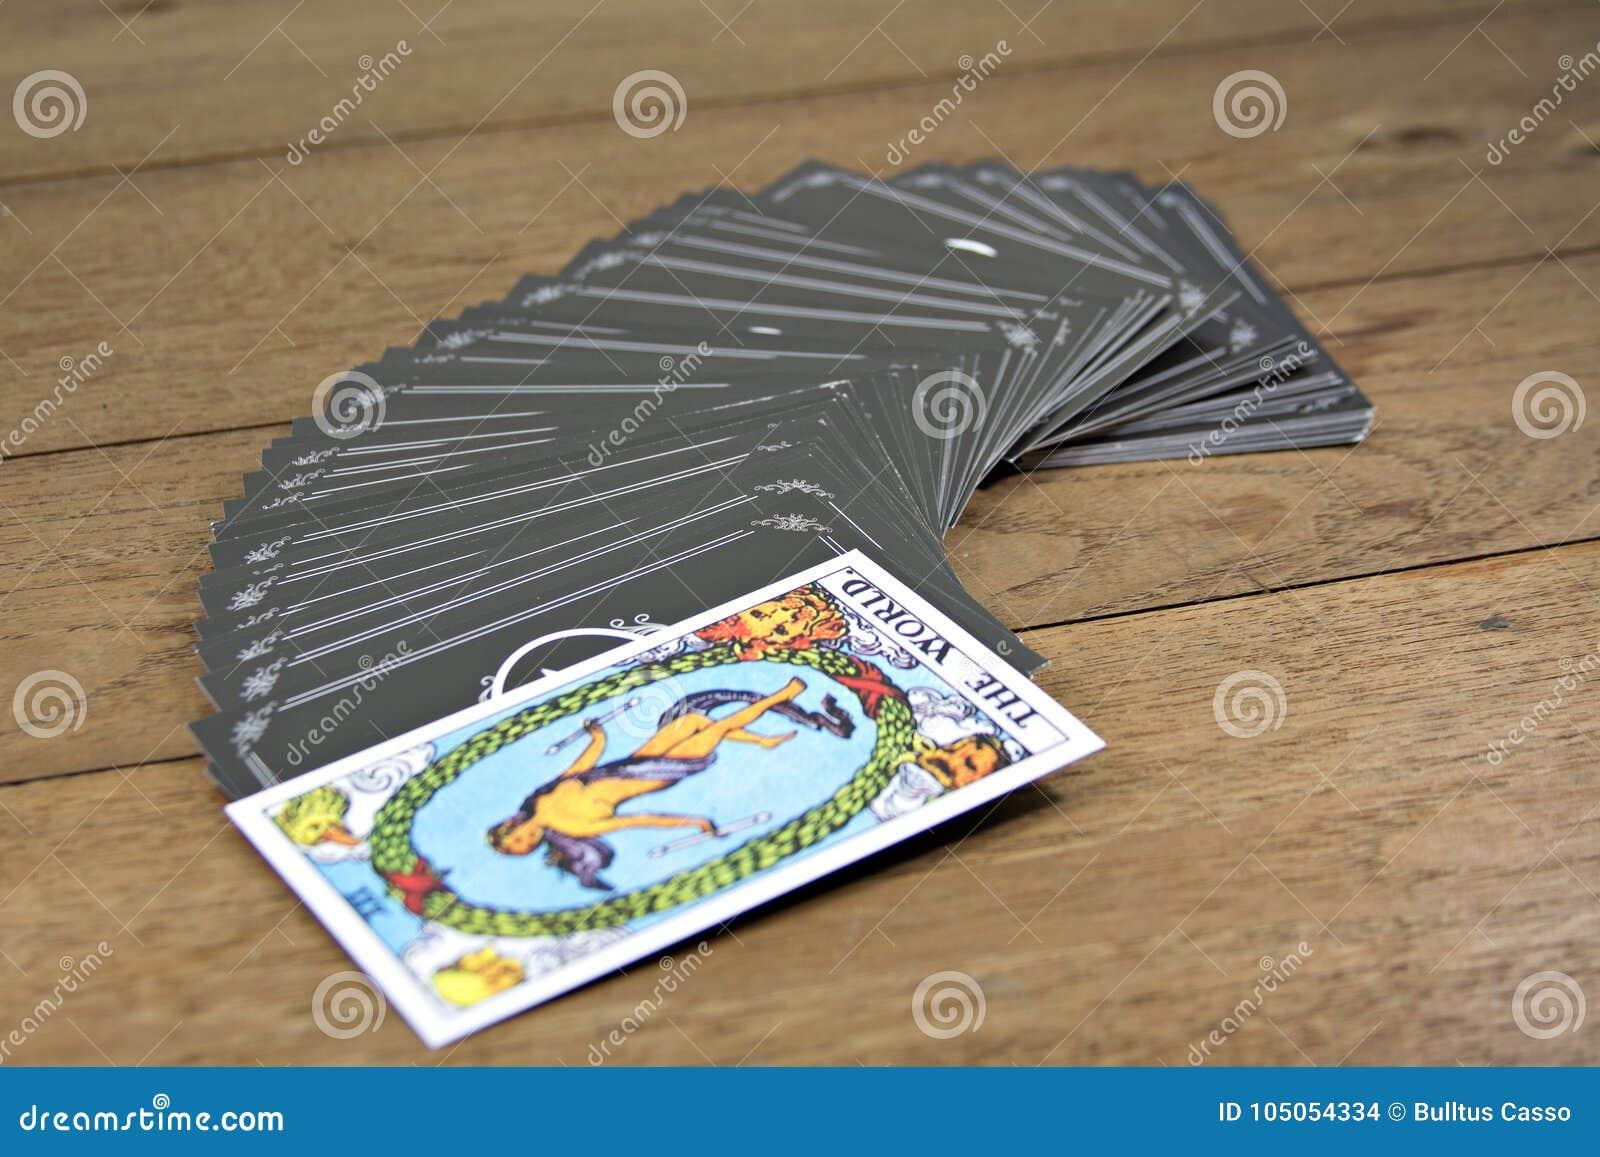 占卜用的纸牌在木桌上的算命者;世界